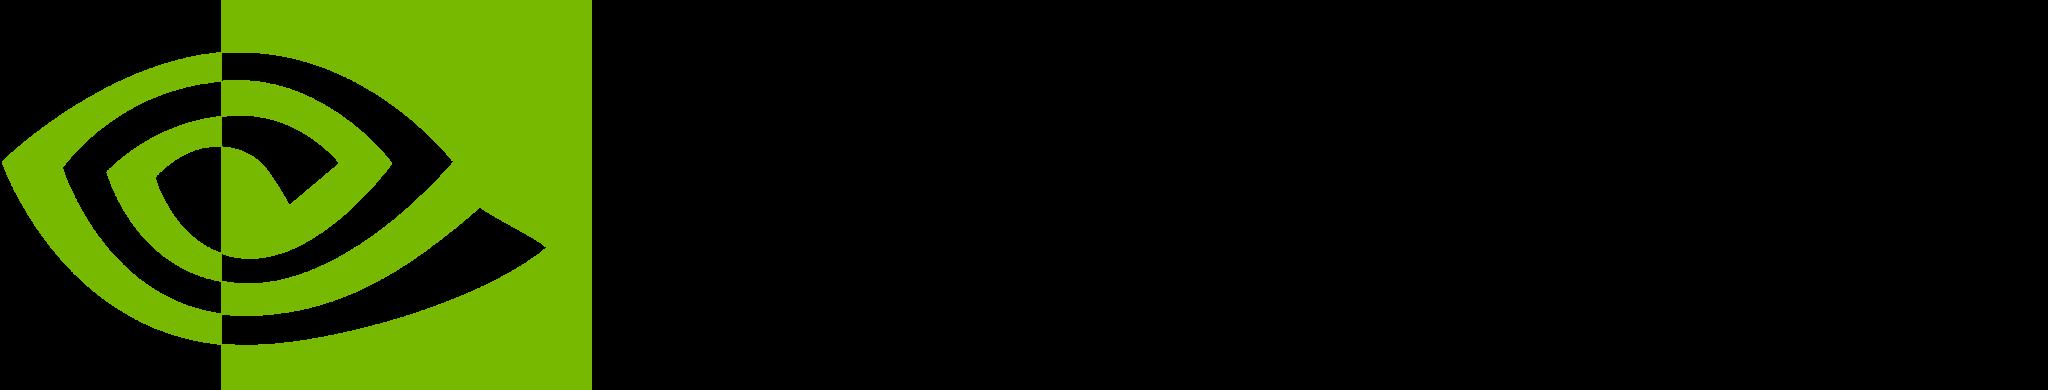 aandeel nvidia logo